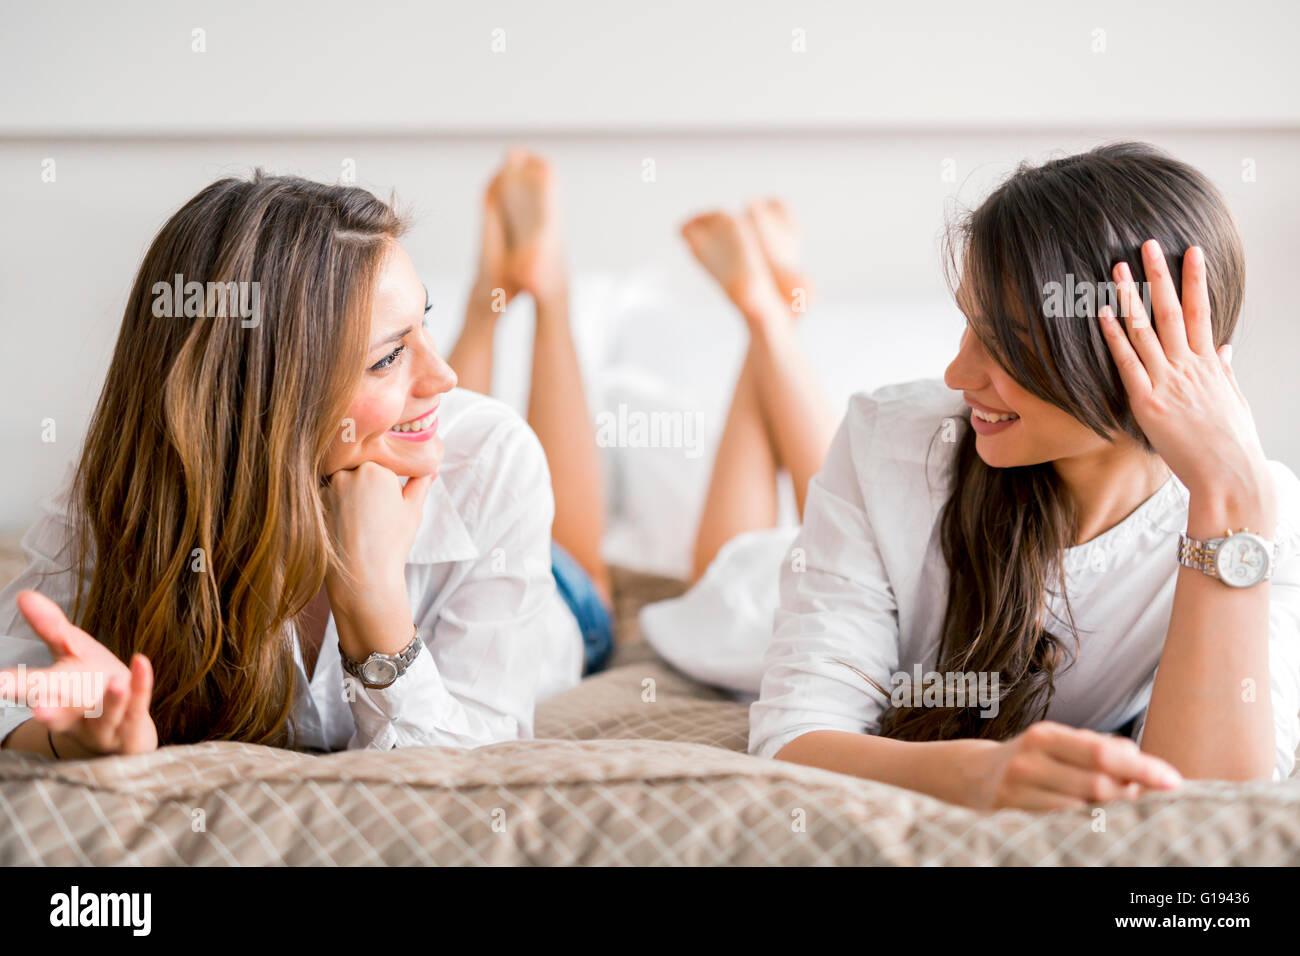 Dos hermosas chicas hablando y sonriendo mientras está acostado en una cama de lujo Imagen De Stock